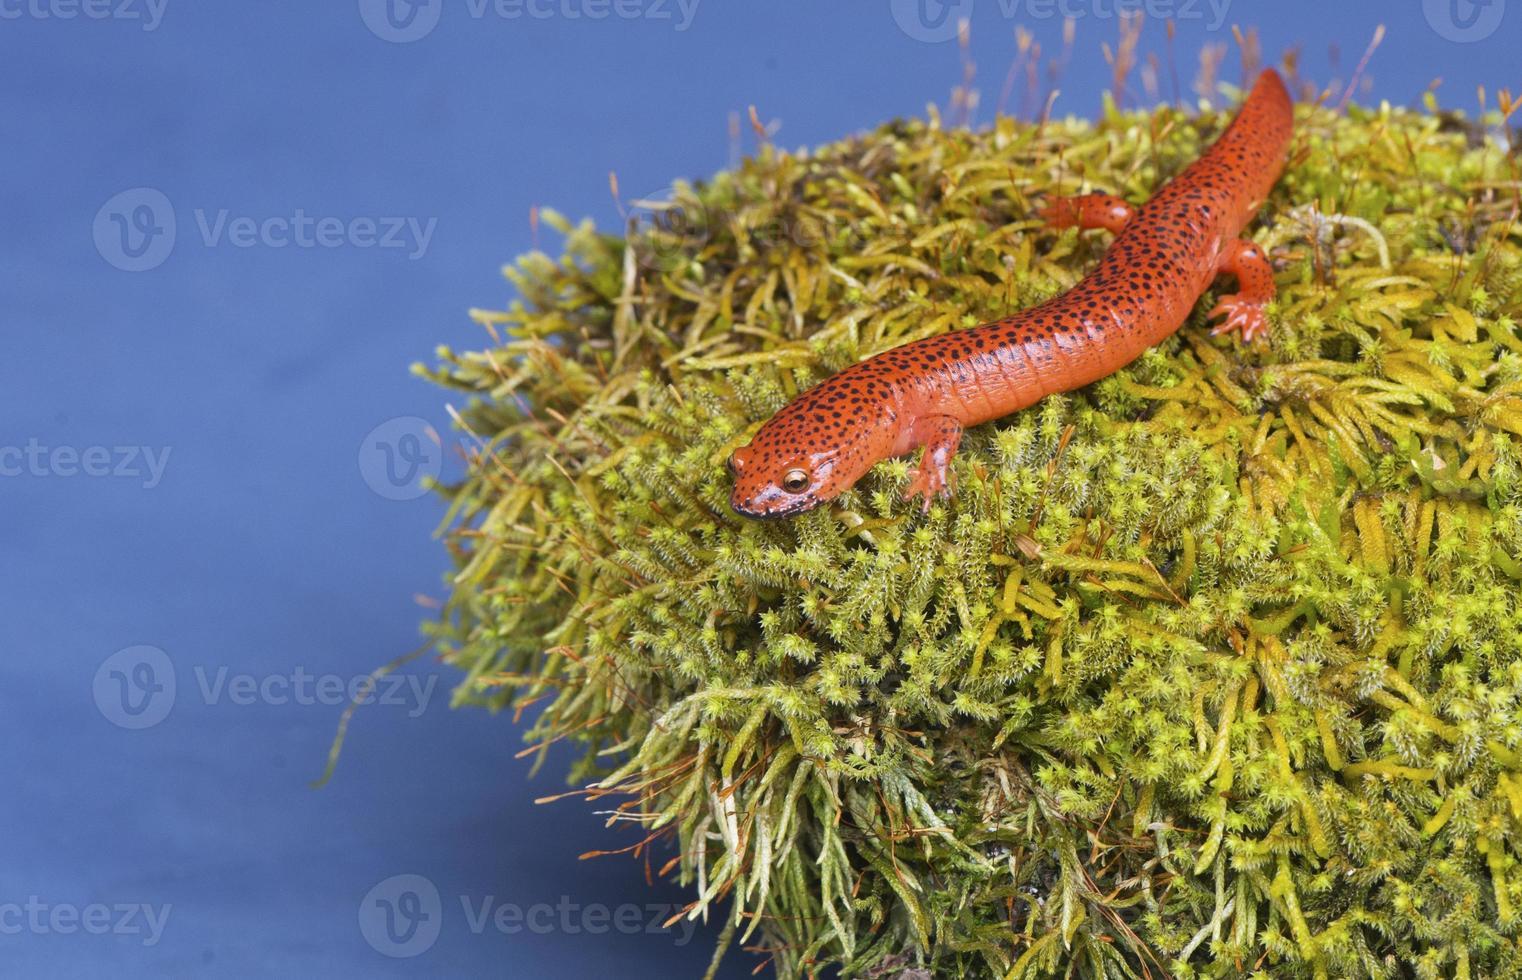 zwarte lippen salamander zittend op een met mos bedekte rots. foto